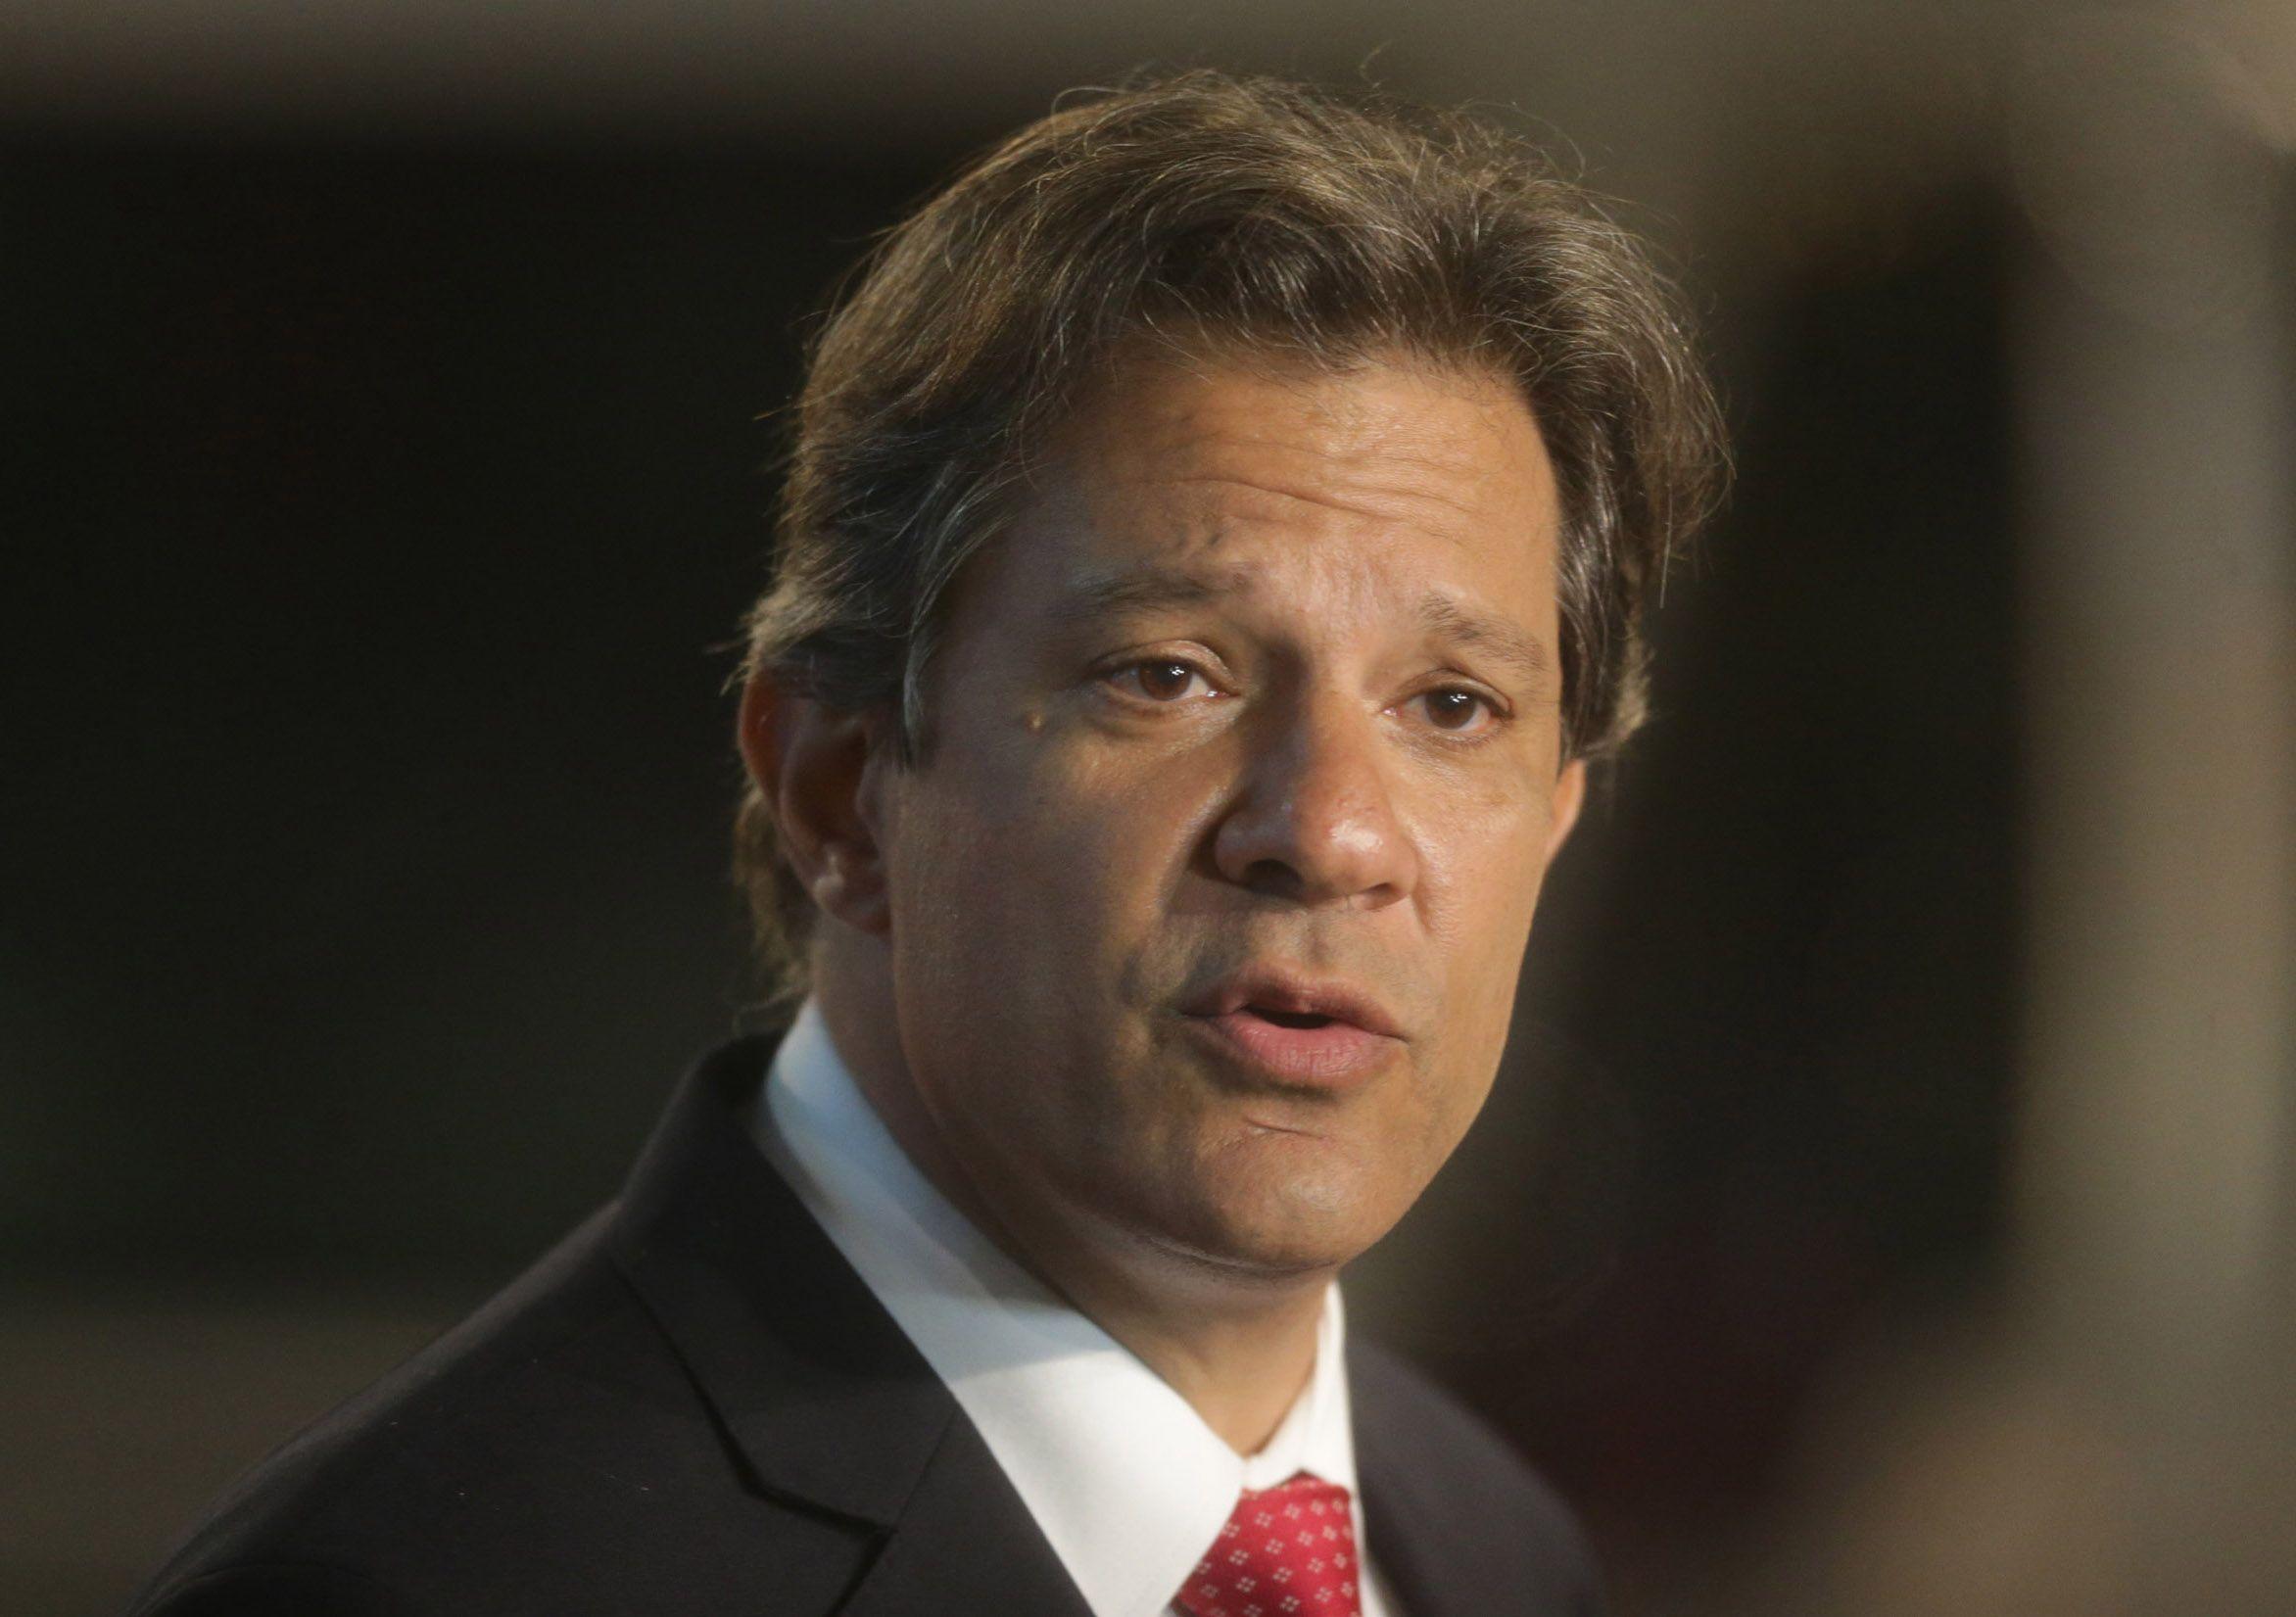 'Precisamos dialogar também com o eleitorado do Bolsonaro', diz Haddad